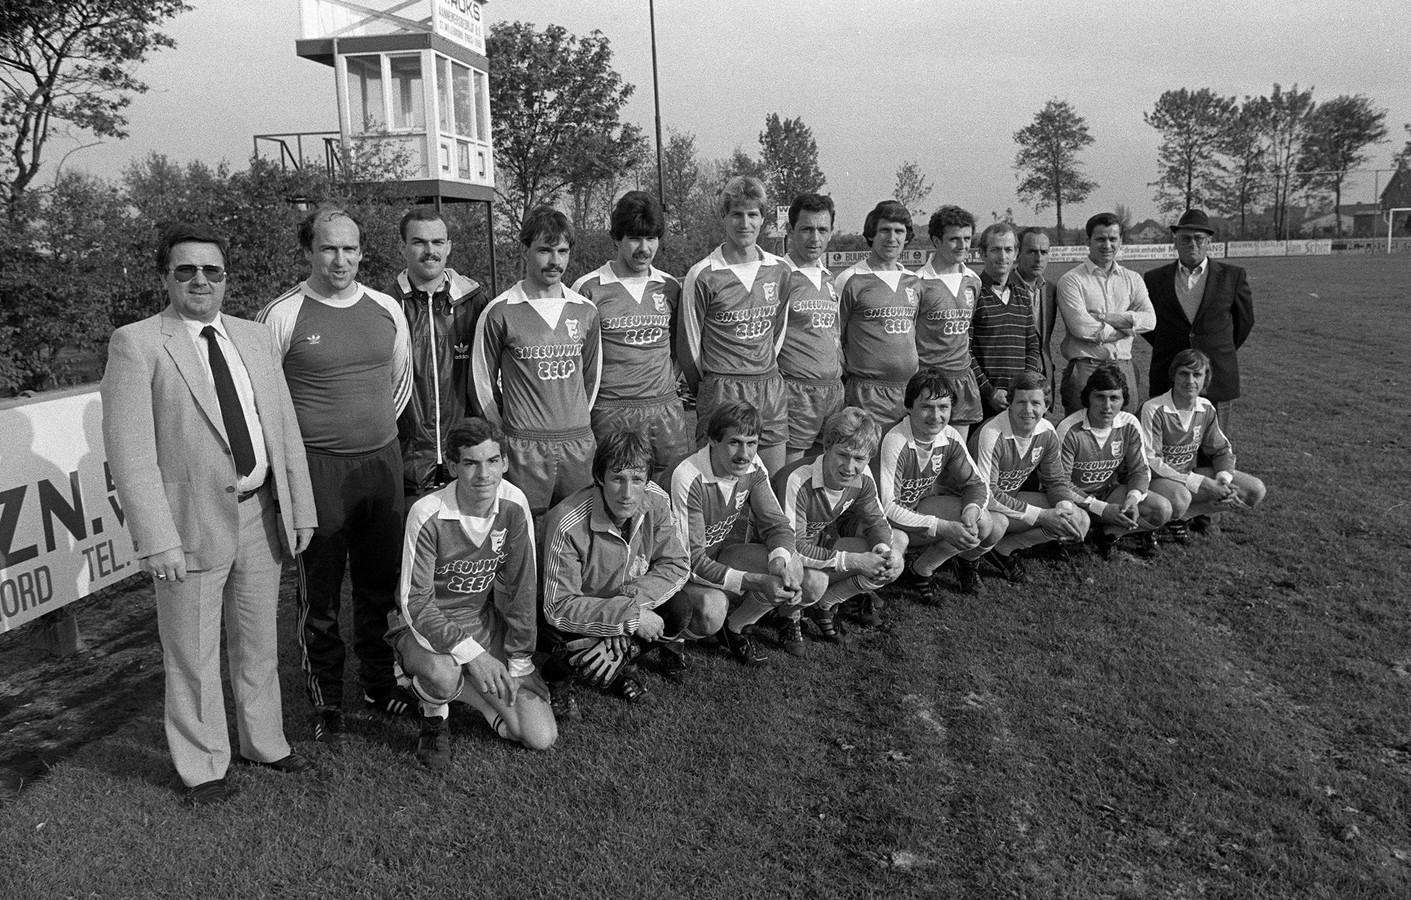 Het elftal waarmee Rood Wit naar de hoofdklasse promoveerde. Knielend derde van links Ad Kas. Er staan maar twee niet-Willebrorders op de teamfoto; trainer Toine Mathijssen (tweede van links) en vleugelspits Cees Moerkens (vijfde van links).